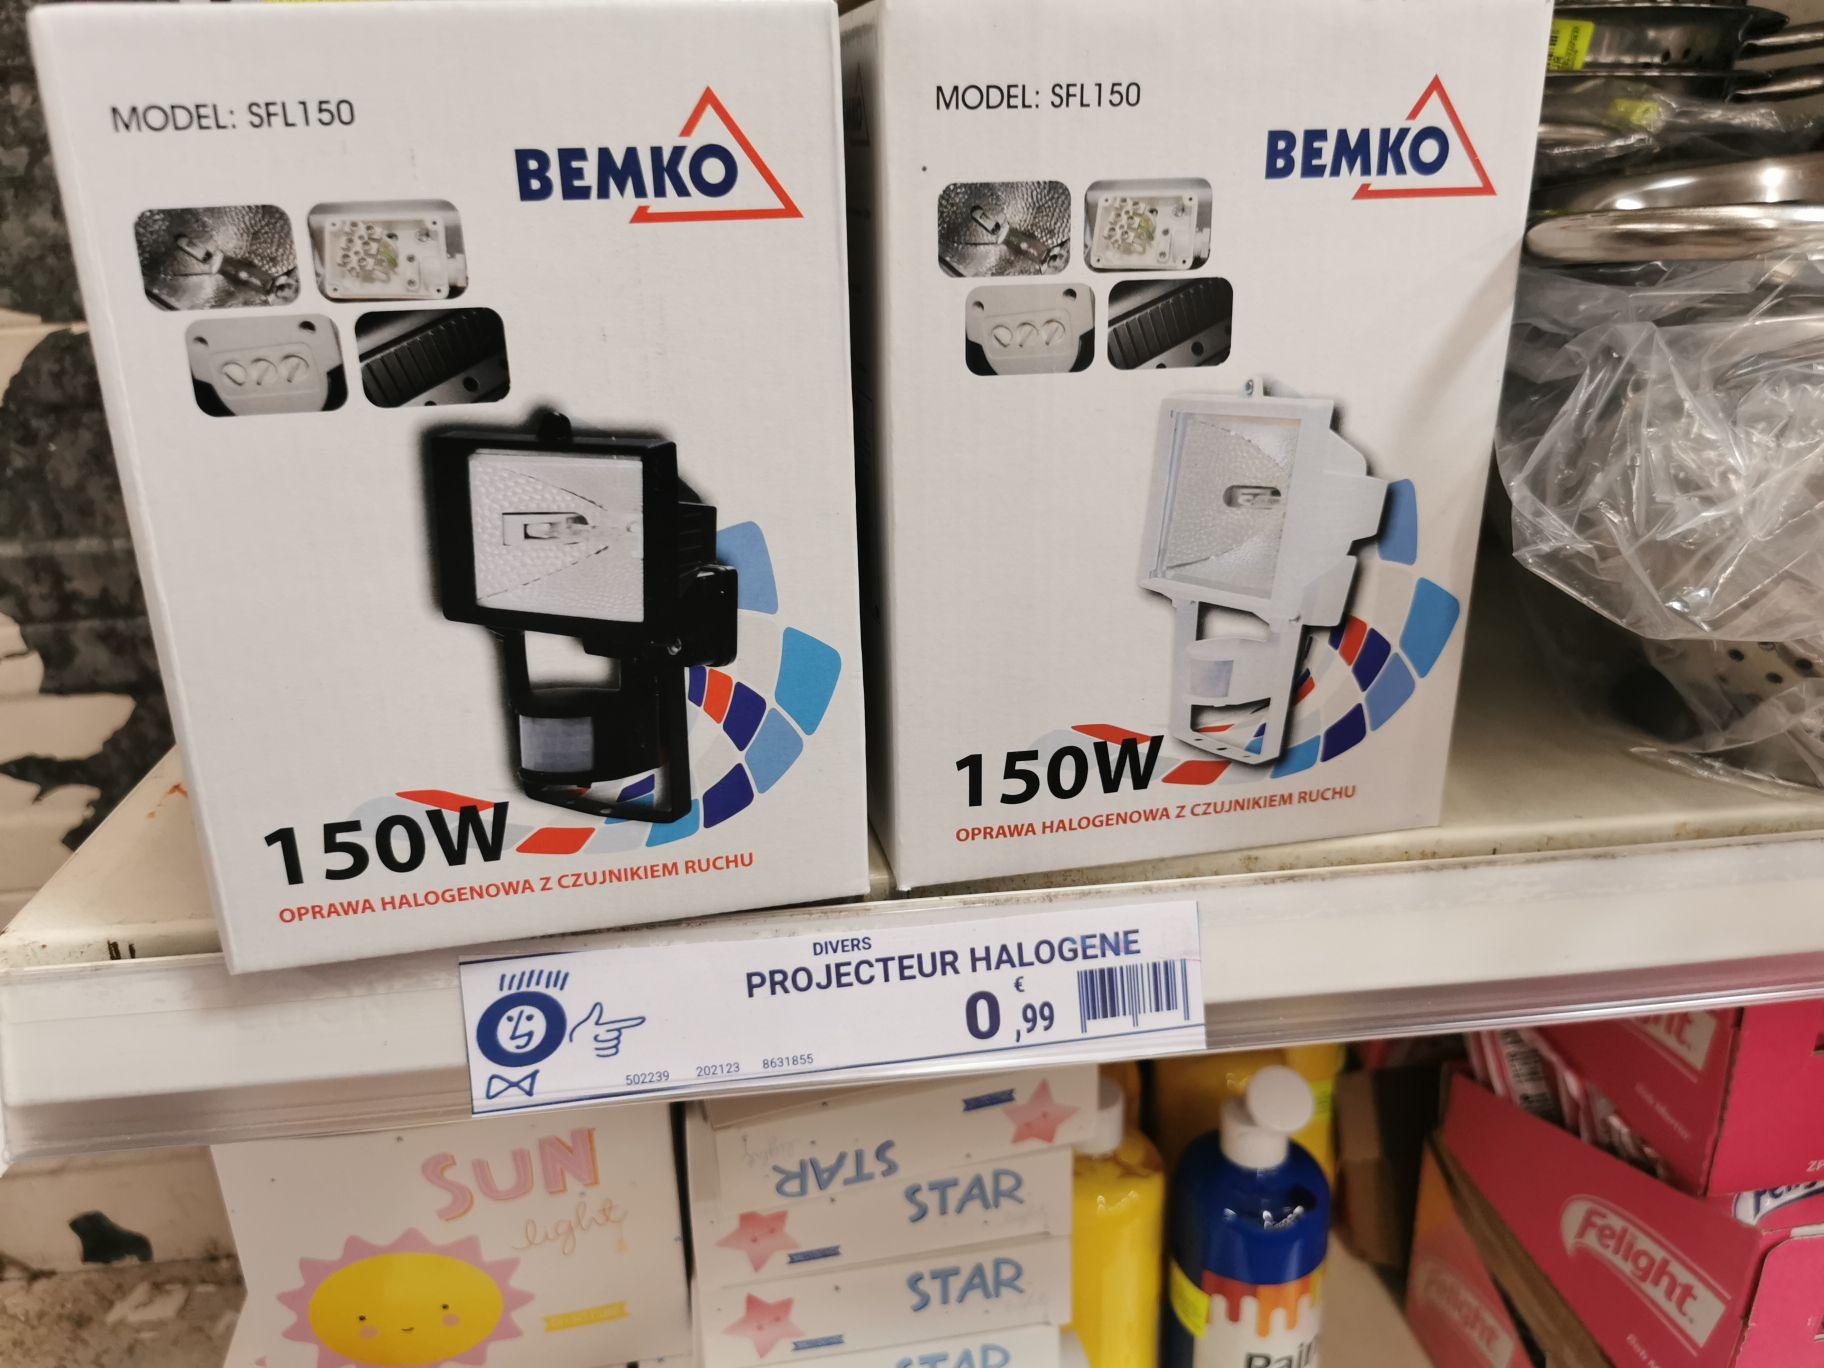 Projecteur halogène Bemko SFL150 (avec détecteur de mouvements, blanc ou noir) - Châlette-sur-Loing (45)